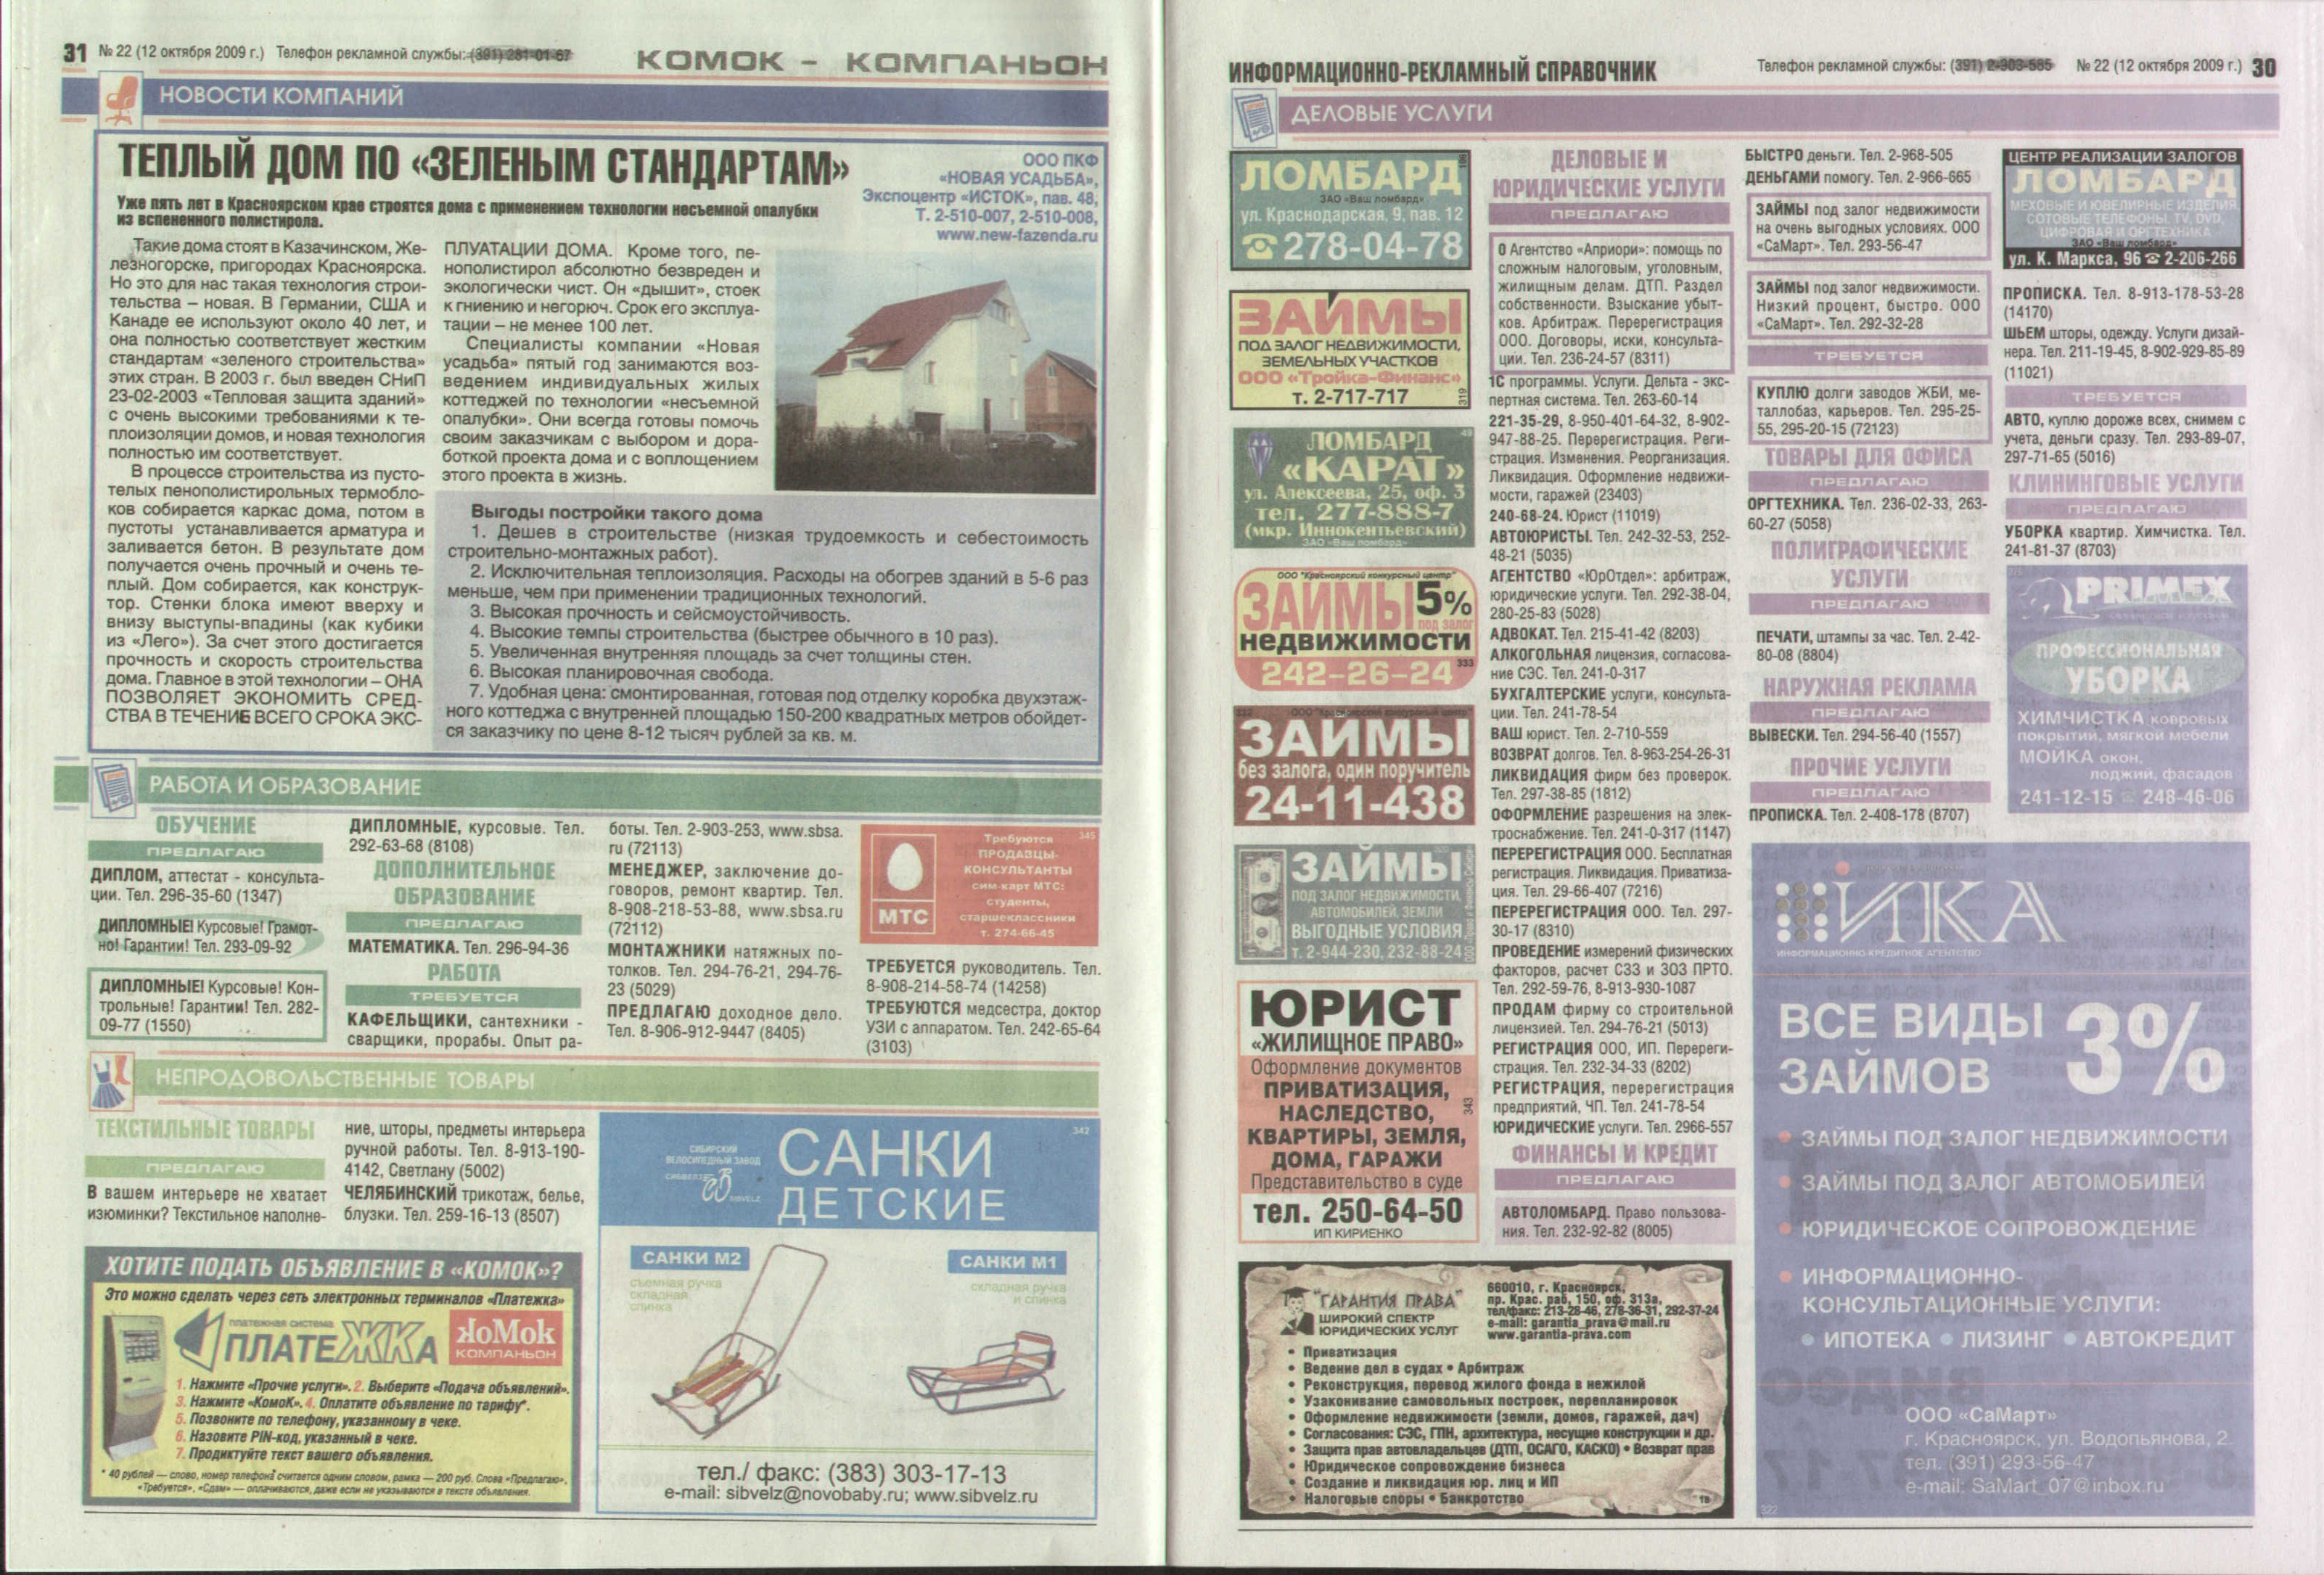 Как дать объявление в газету комок частные объявления на сахалине